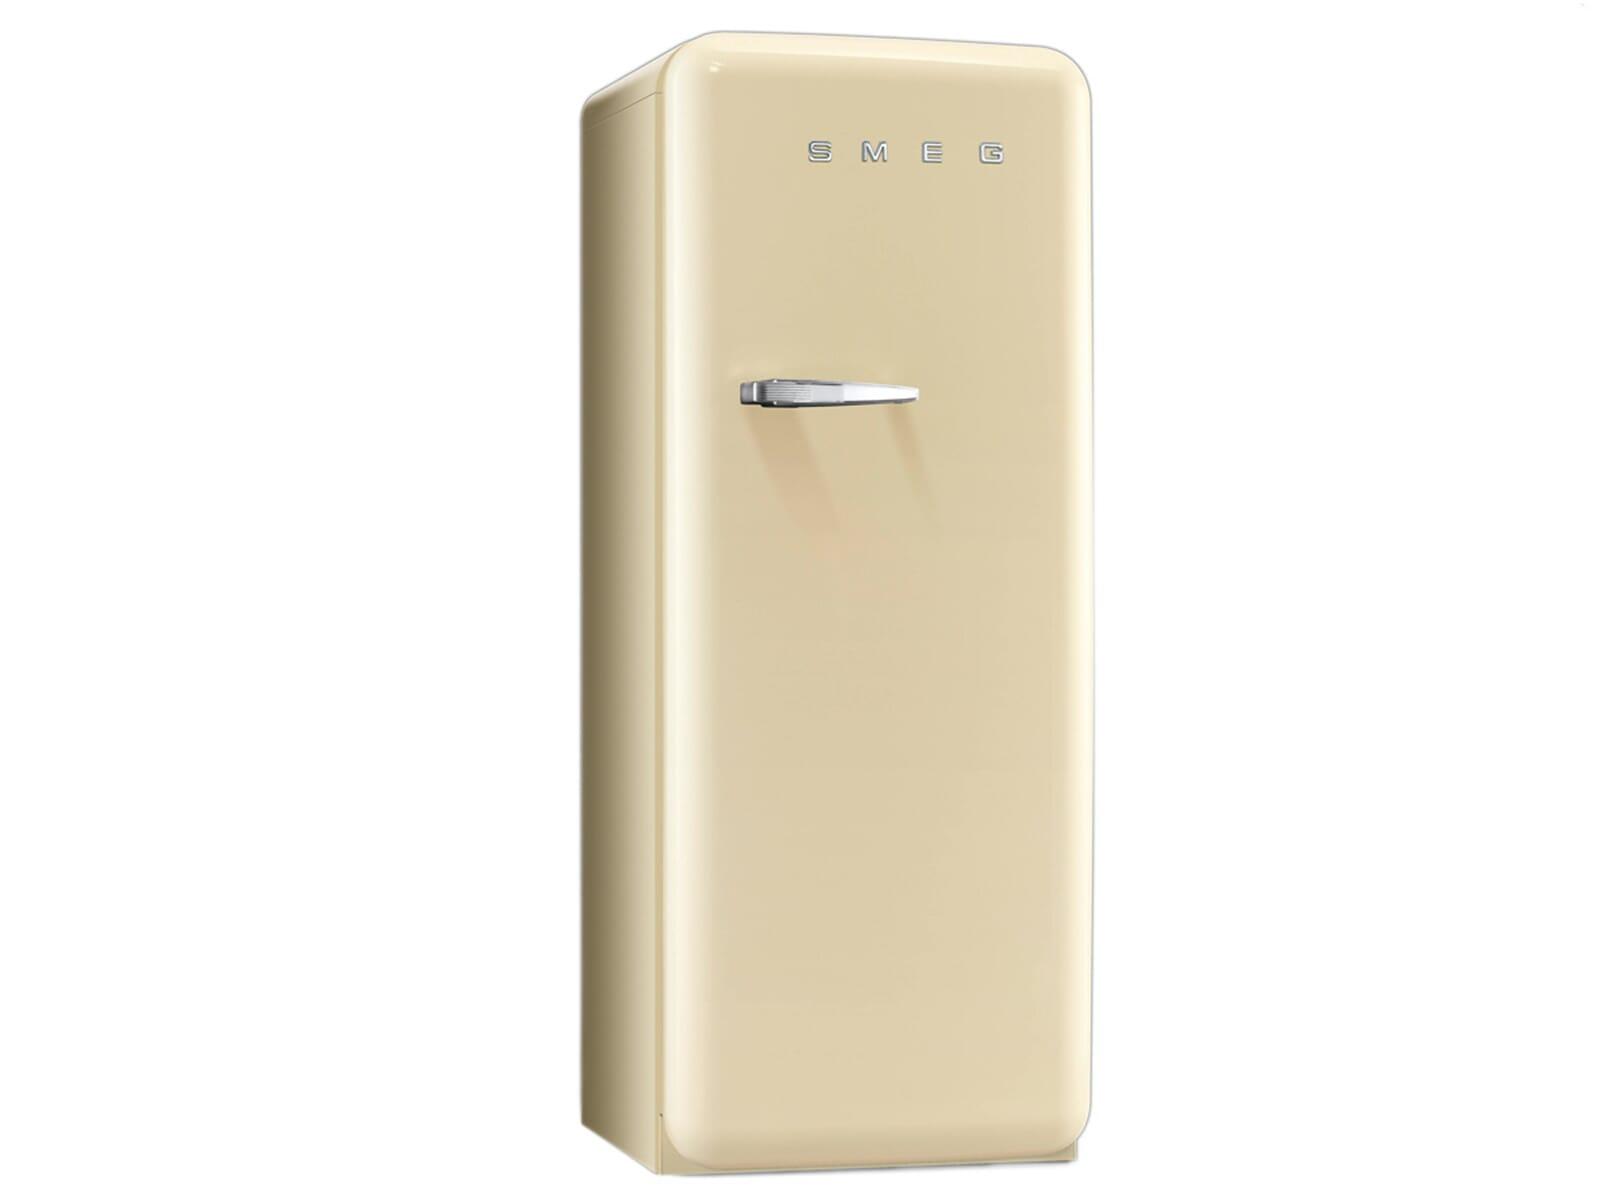 Amerikanischer Kühlschrank Creme : Smeg cvb rp standgefrierschrank creme